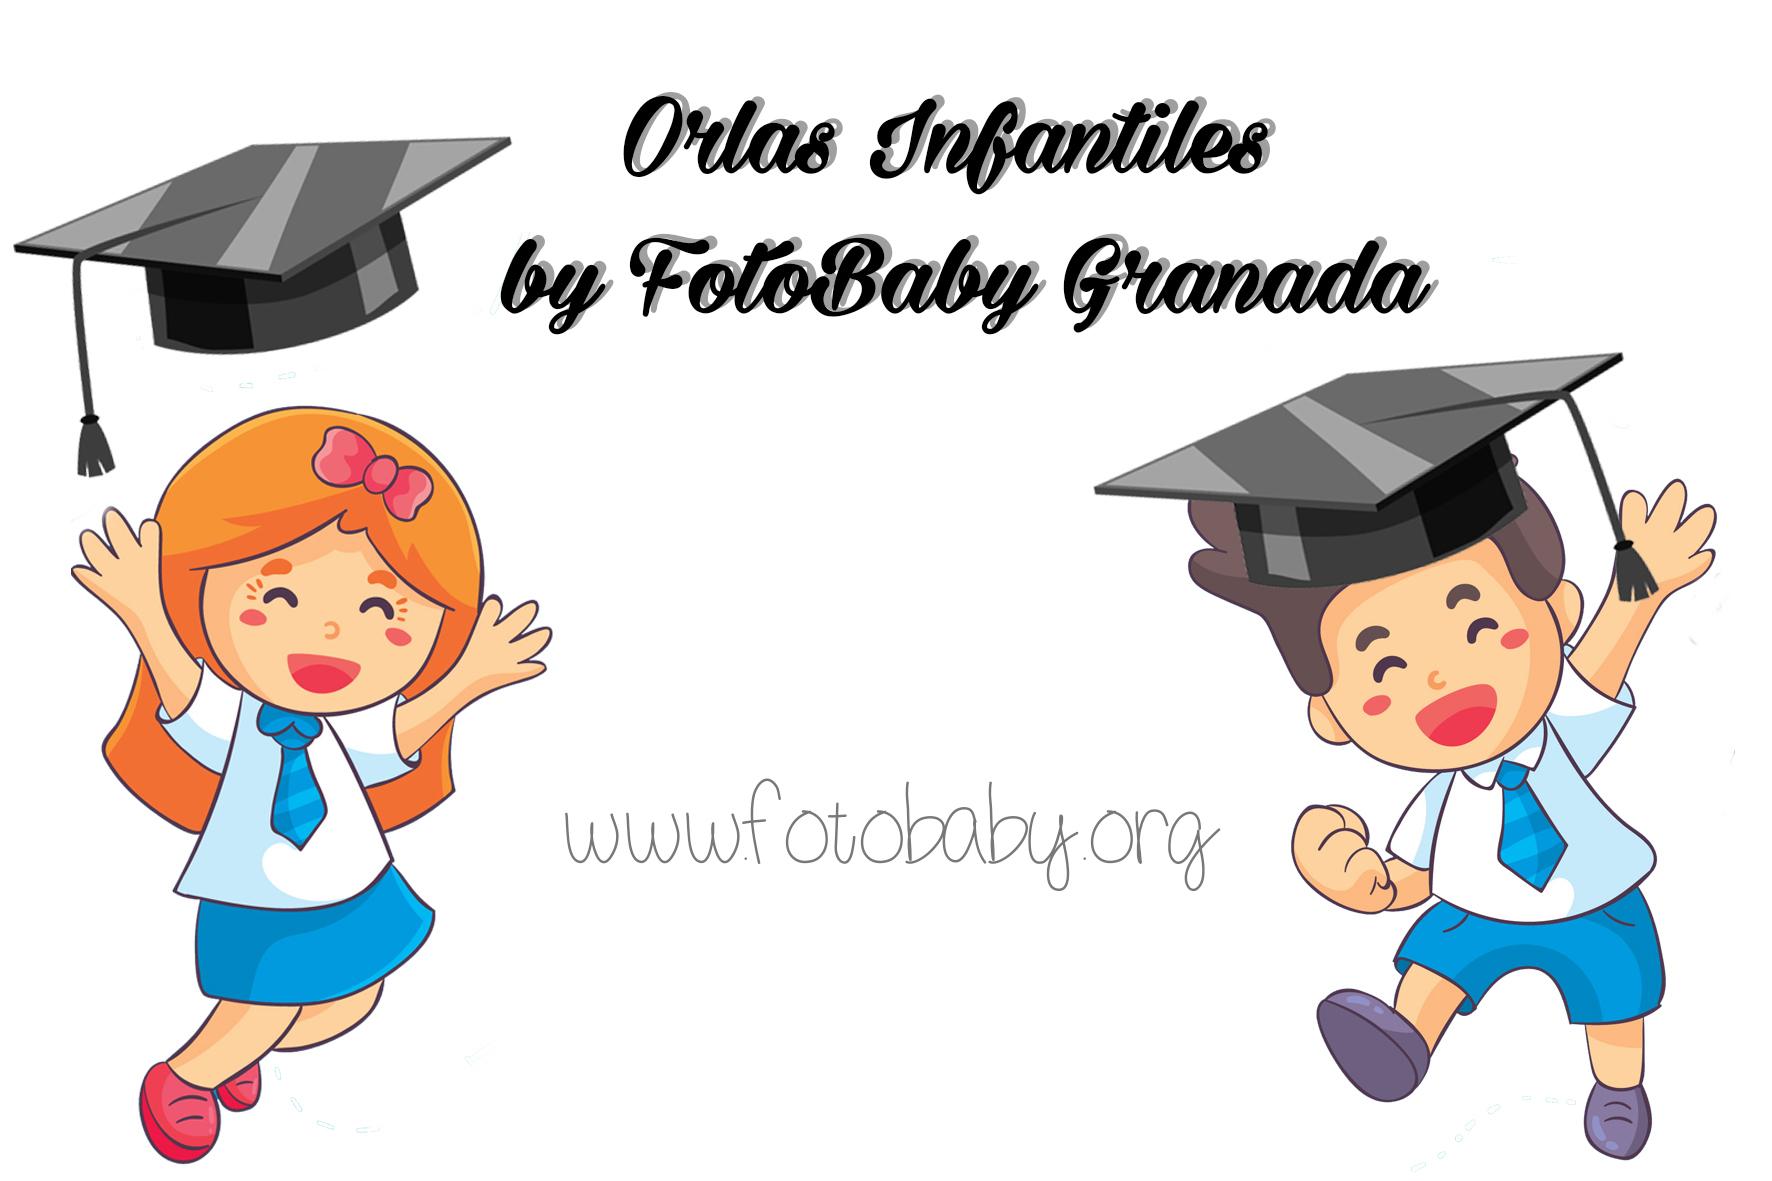 Orlas Infantiles profesionales en Granada FotoBaby